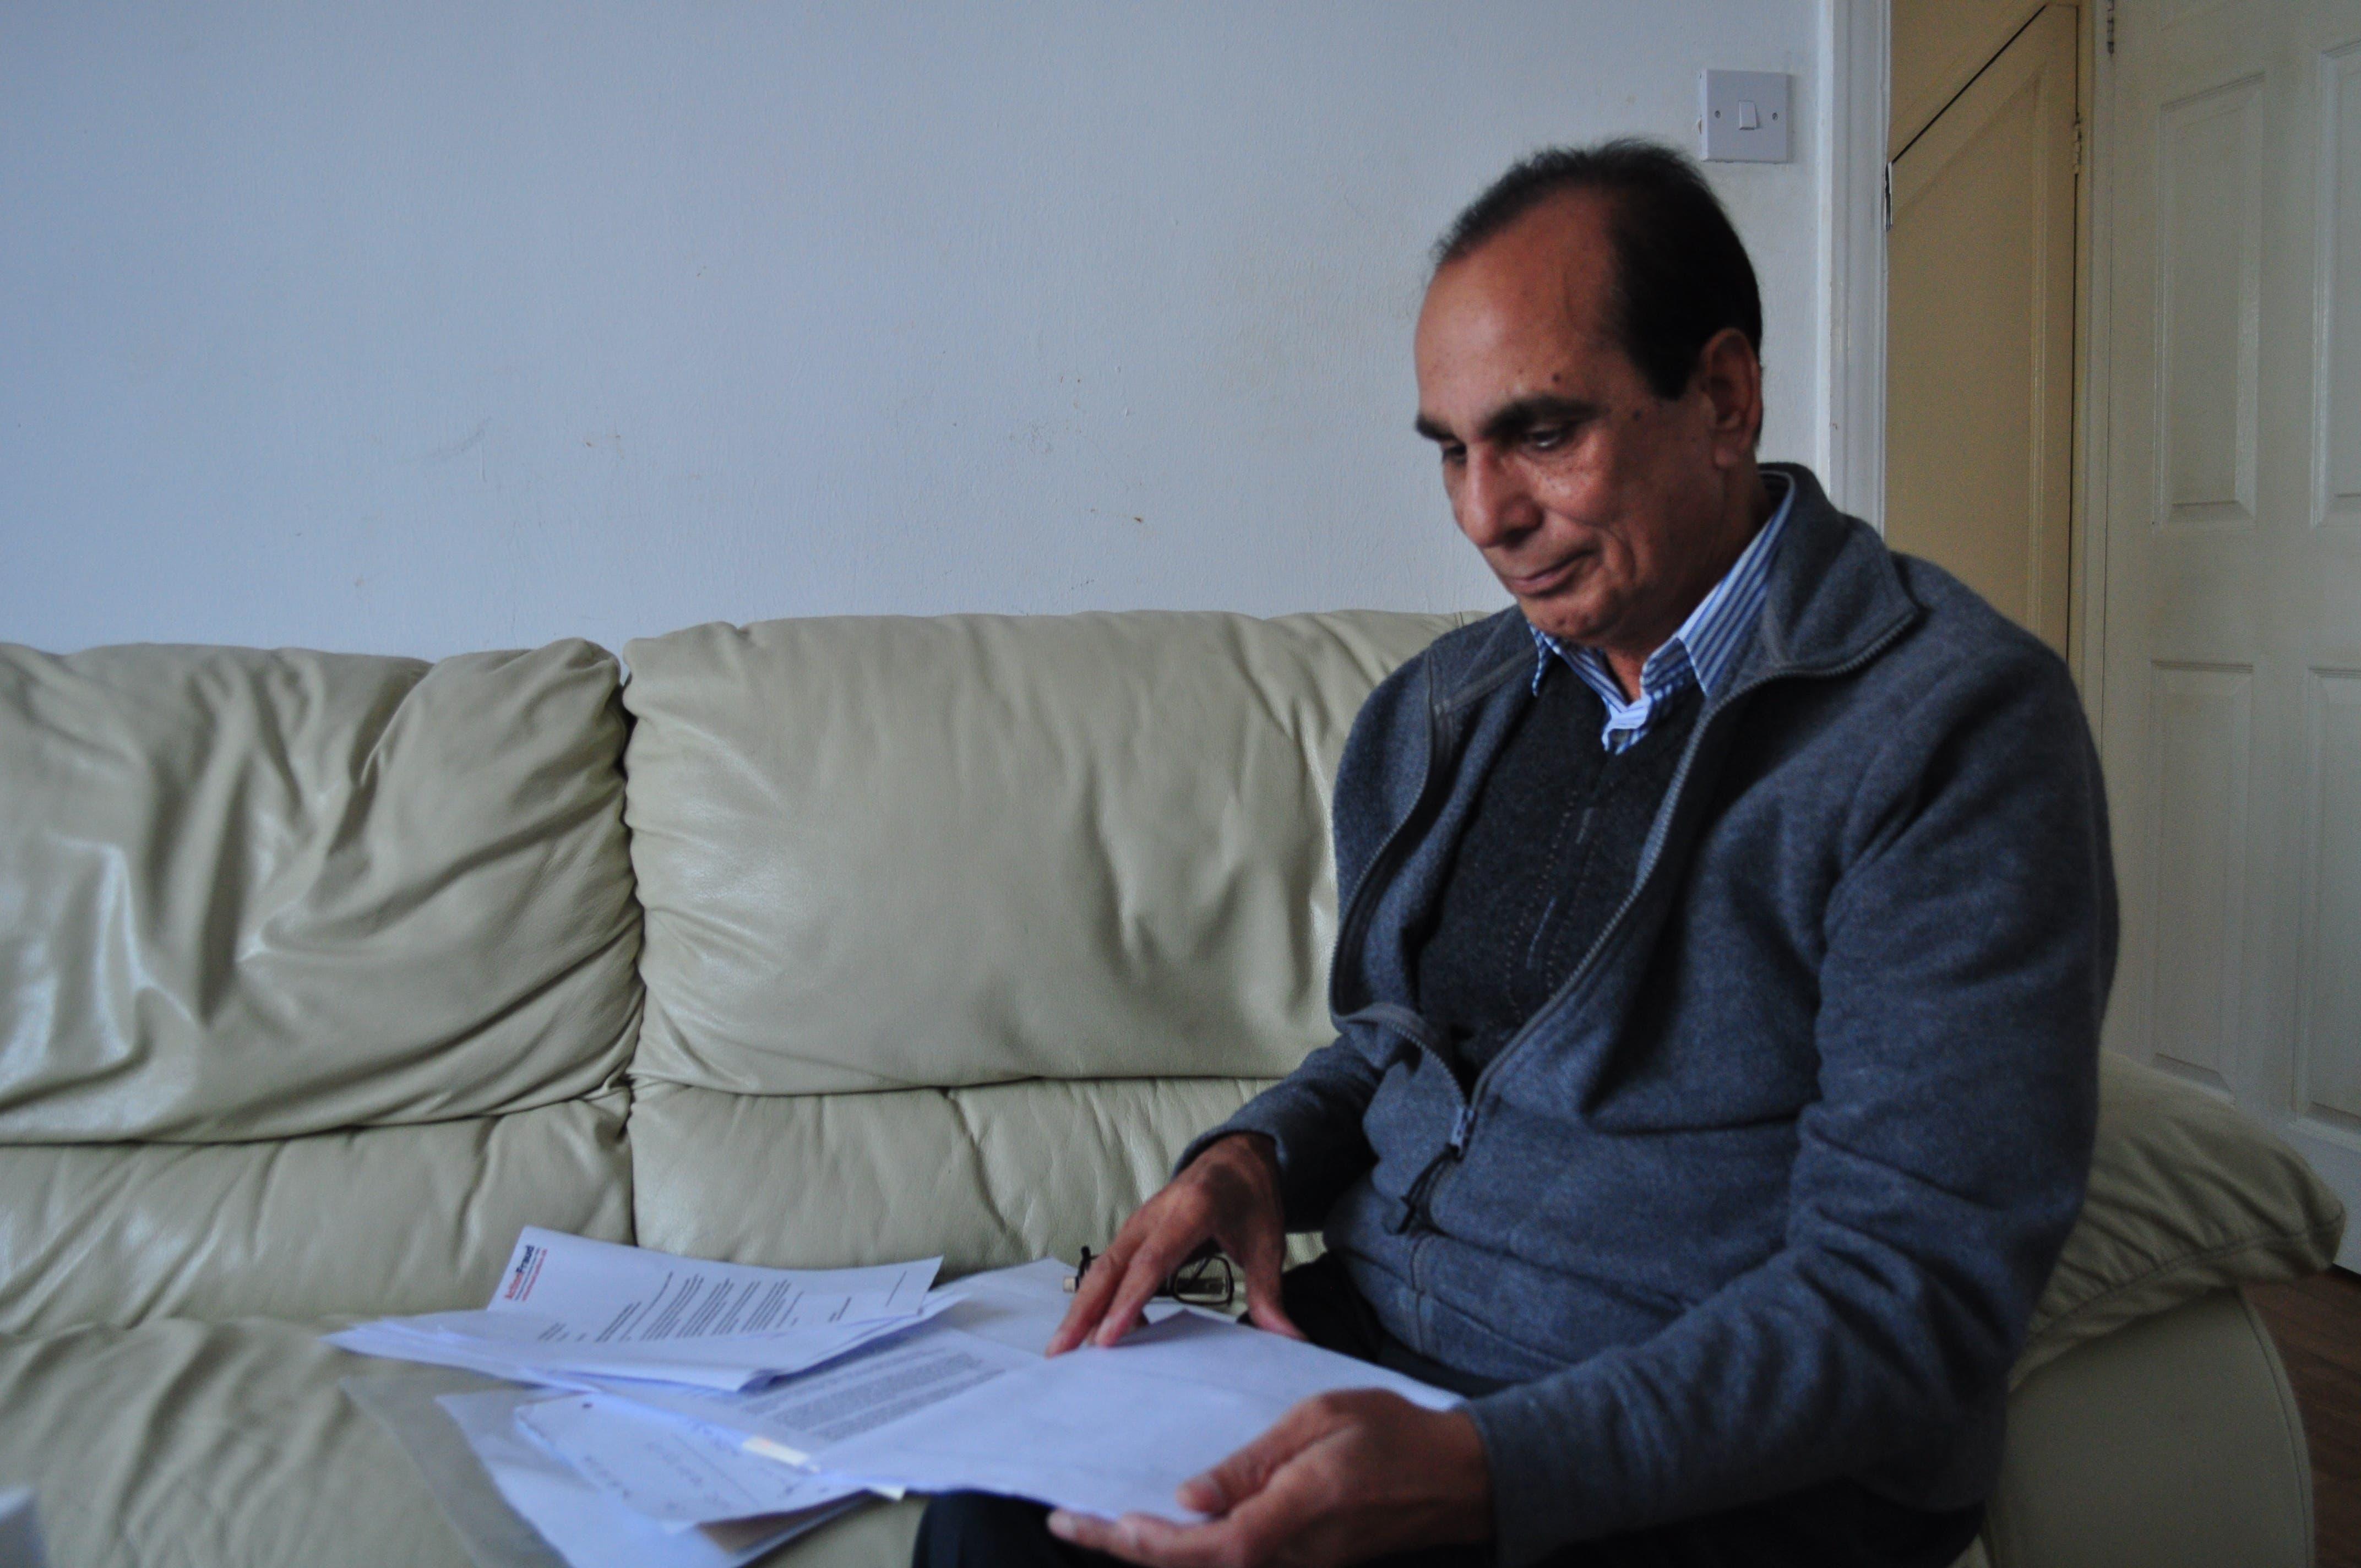 71-year-old British citizen Mohammad Jawaid Mir